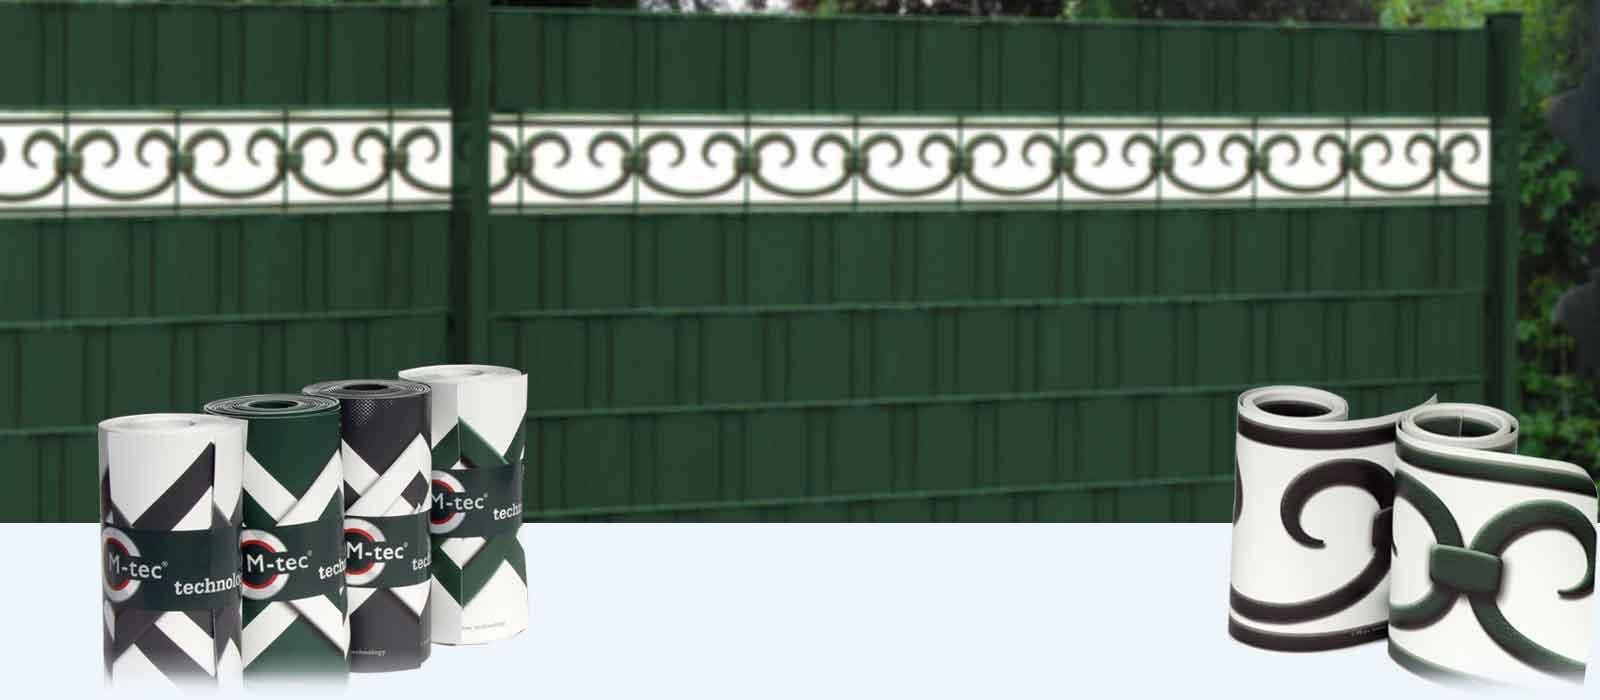 Design zaun streifen mit schönen motiven für den sichtschutzzaun